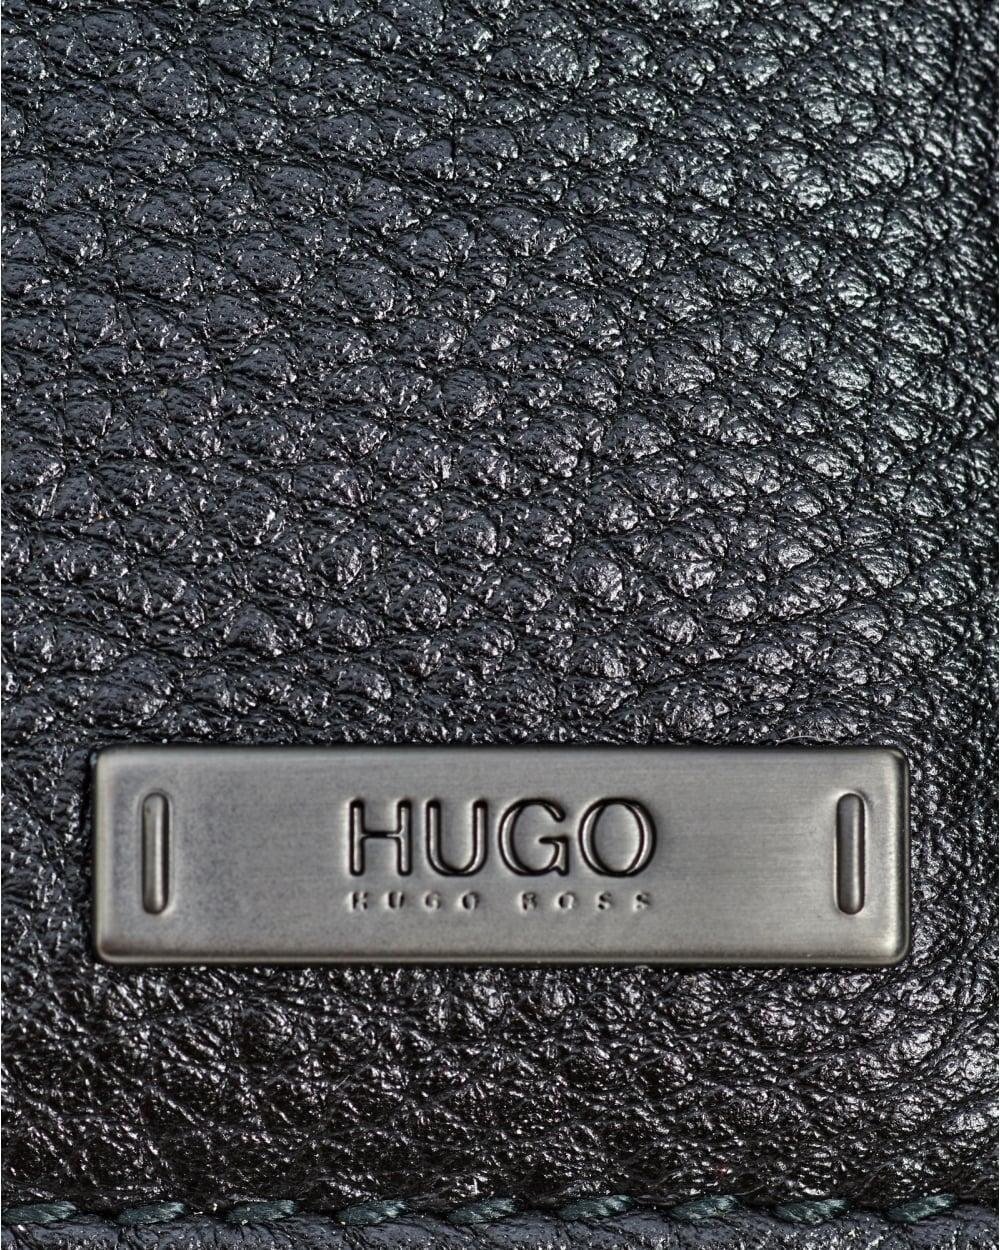 Hugo Boss - Hugo Mens Element_S Credit Card Holder, Rich Leather Wallet